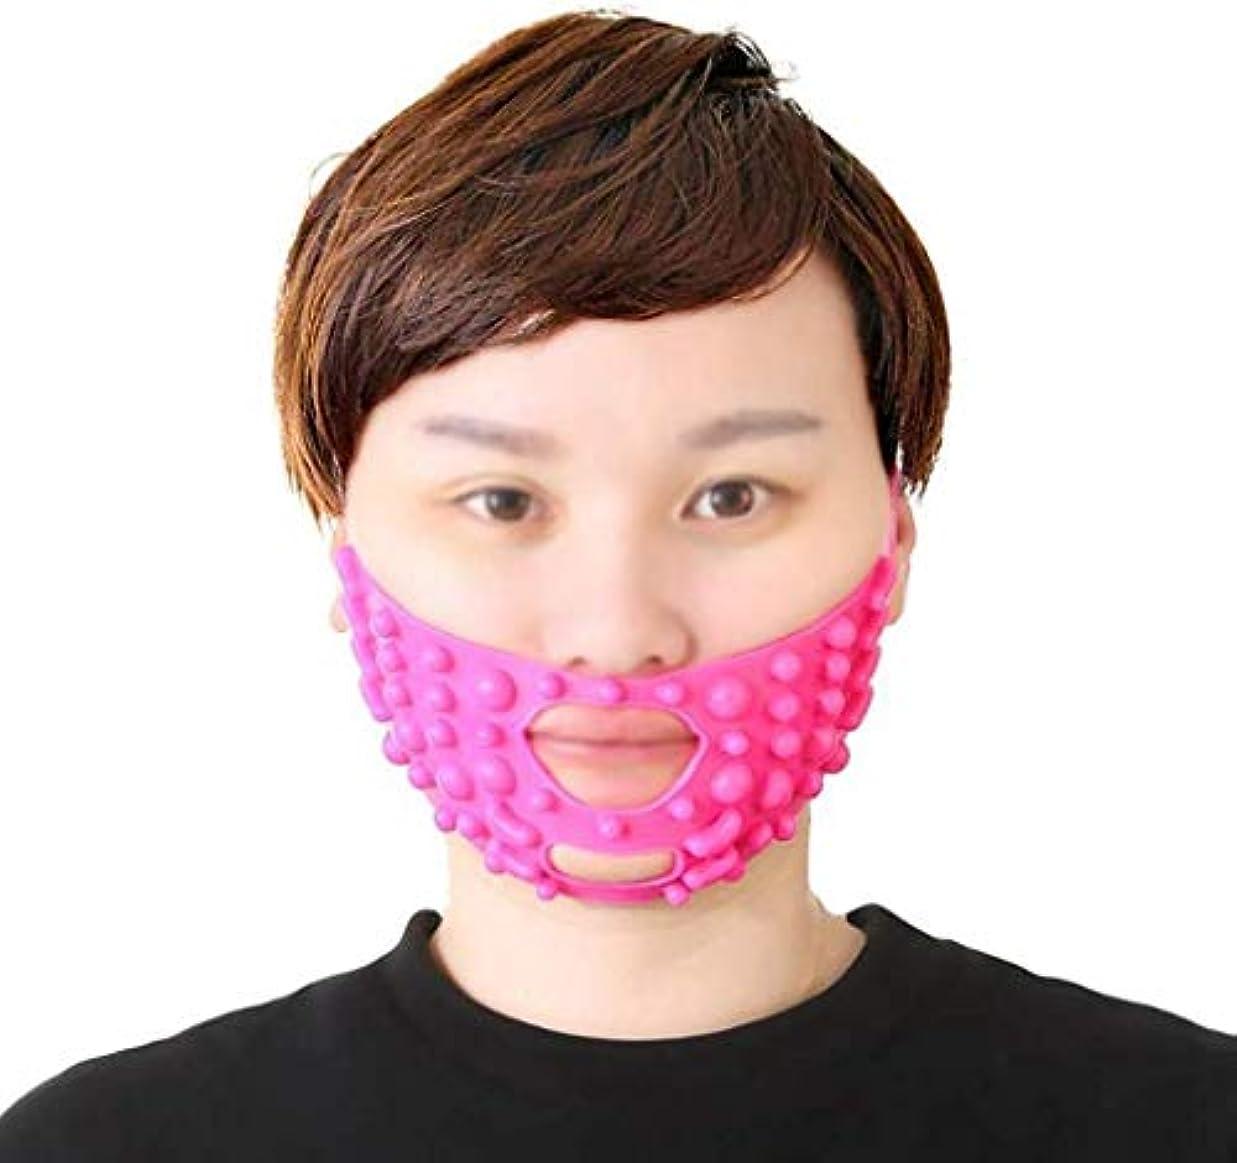 等々氏チーズ美容と実用的なフェイスリフトマスク、チンストラップシリコーンVフェイスマスクフェイスマスク強力な包帯V顔アーティファクト小さなV顔包帯顔と首リフトピンクシリコーン包帯